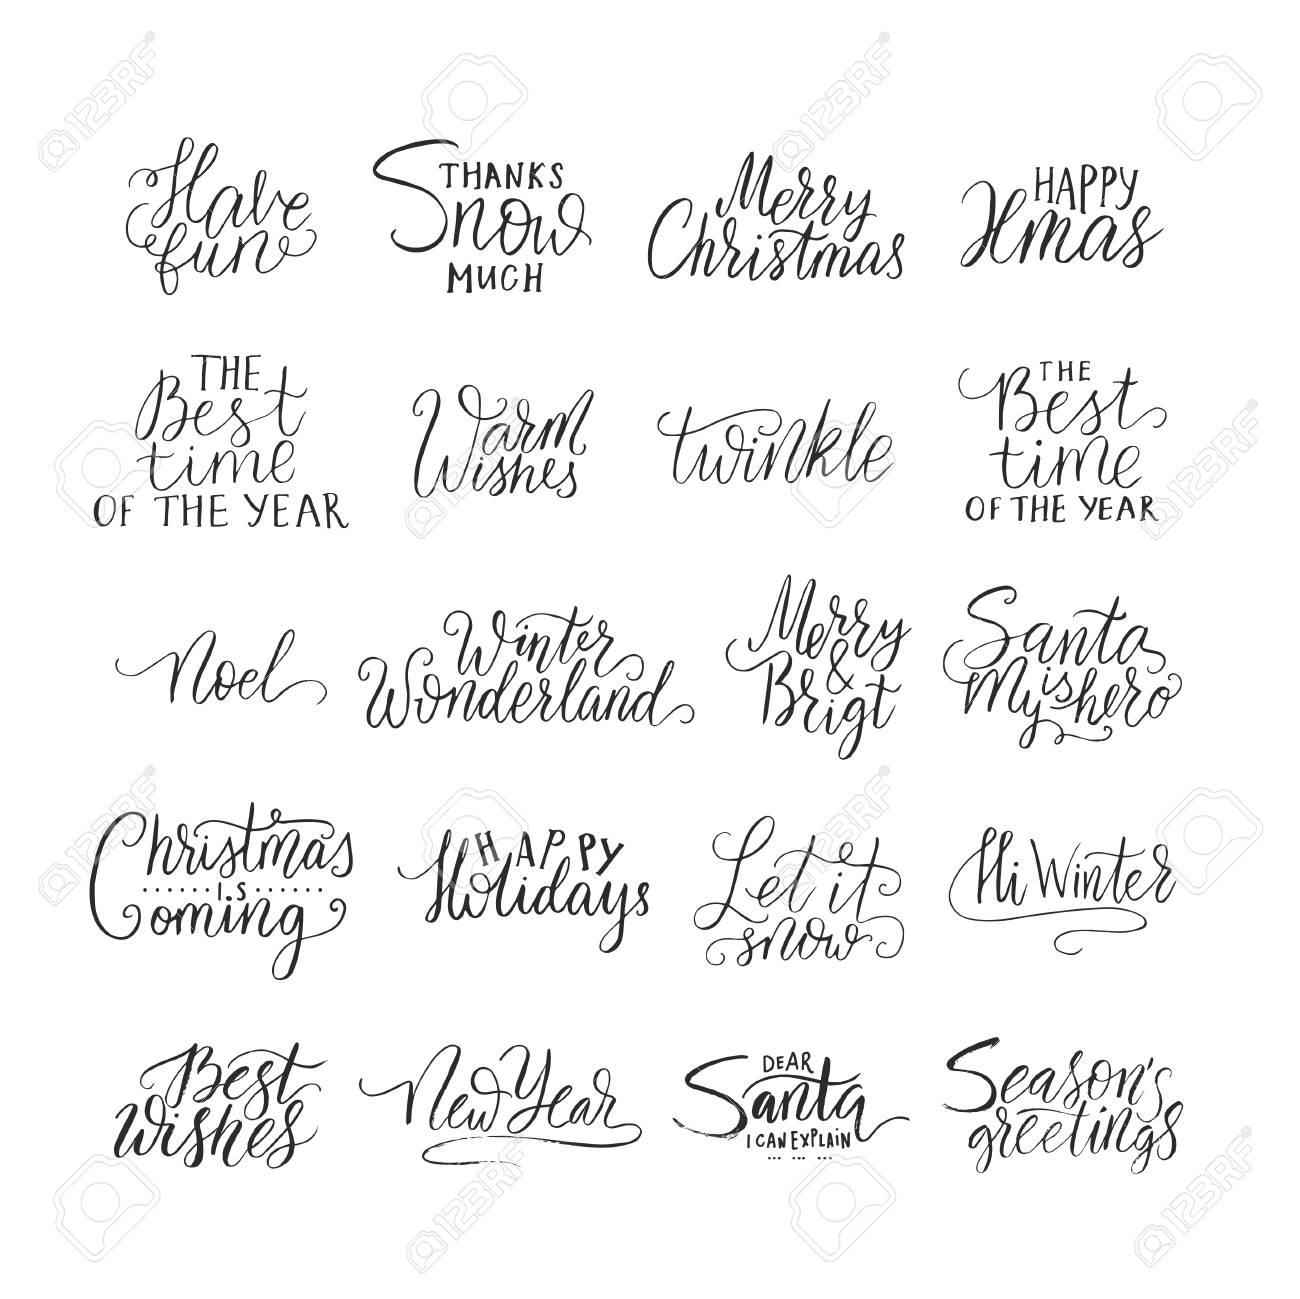 メリー クリスマス ブラシ レタリング タイポグラフィ。冬の手描き文字で手書きテキスト デザイン。新年レタリング  セット。ベクトルのロゴ、エンブレム、テキスト デザイン。バナー、グリーティング カード、ギフトなどが可能です。